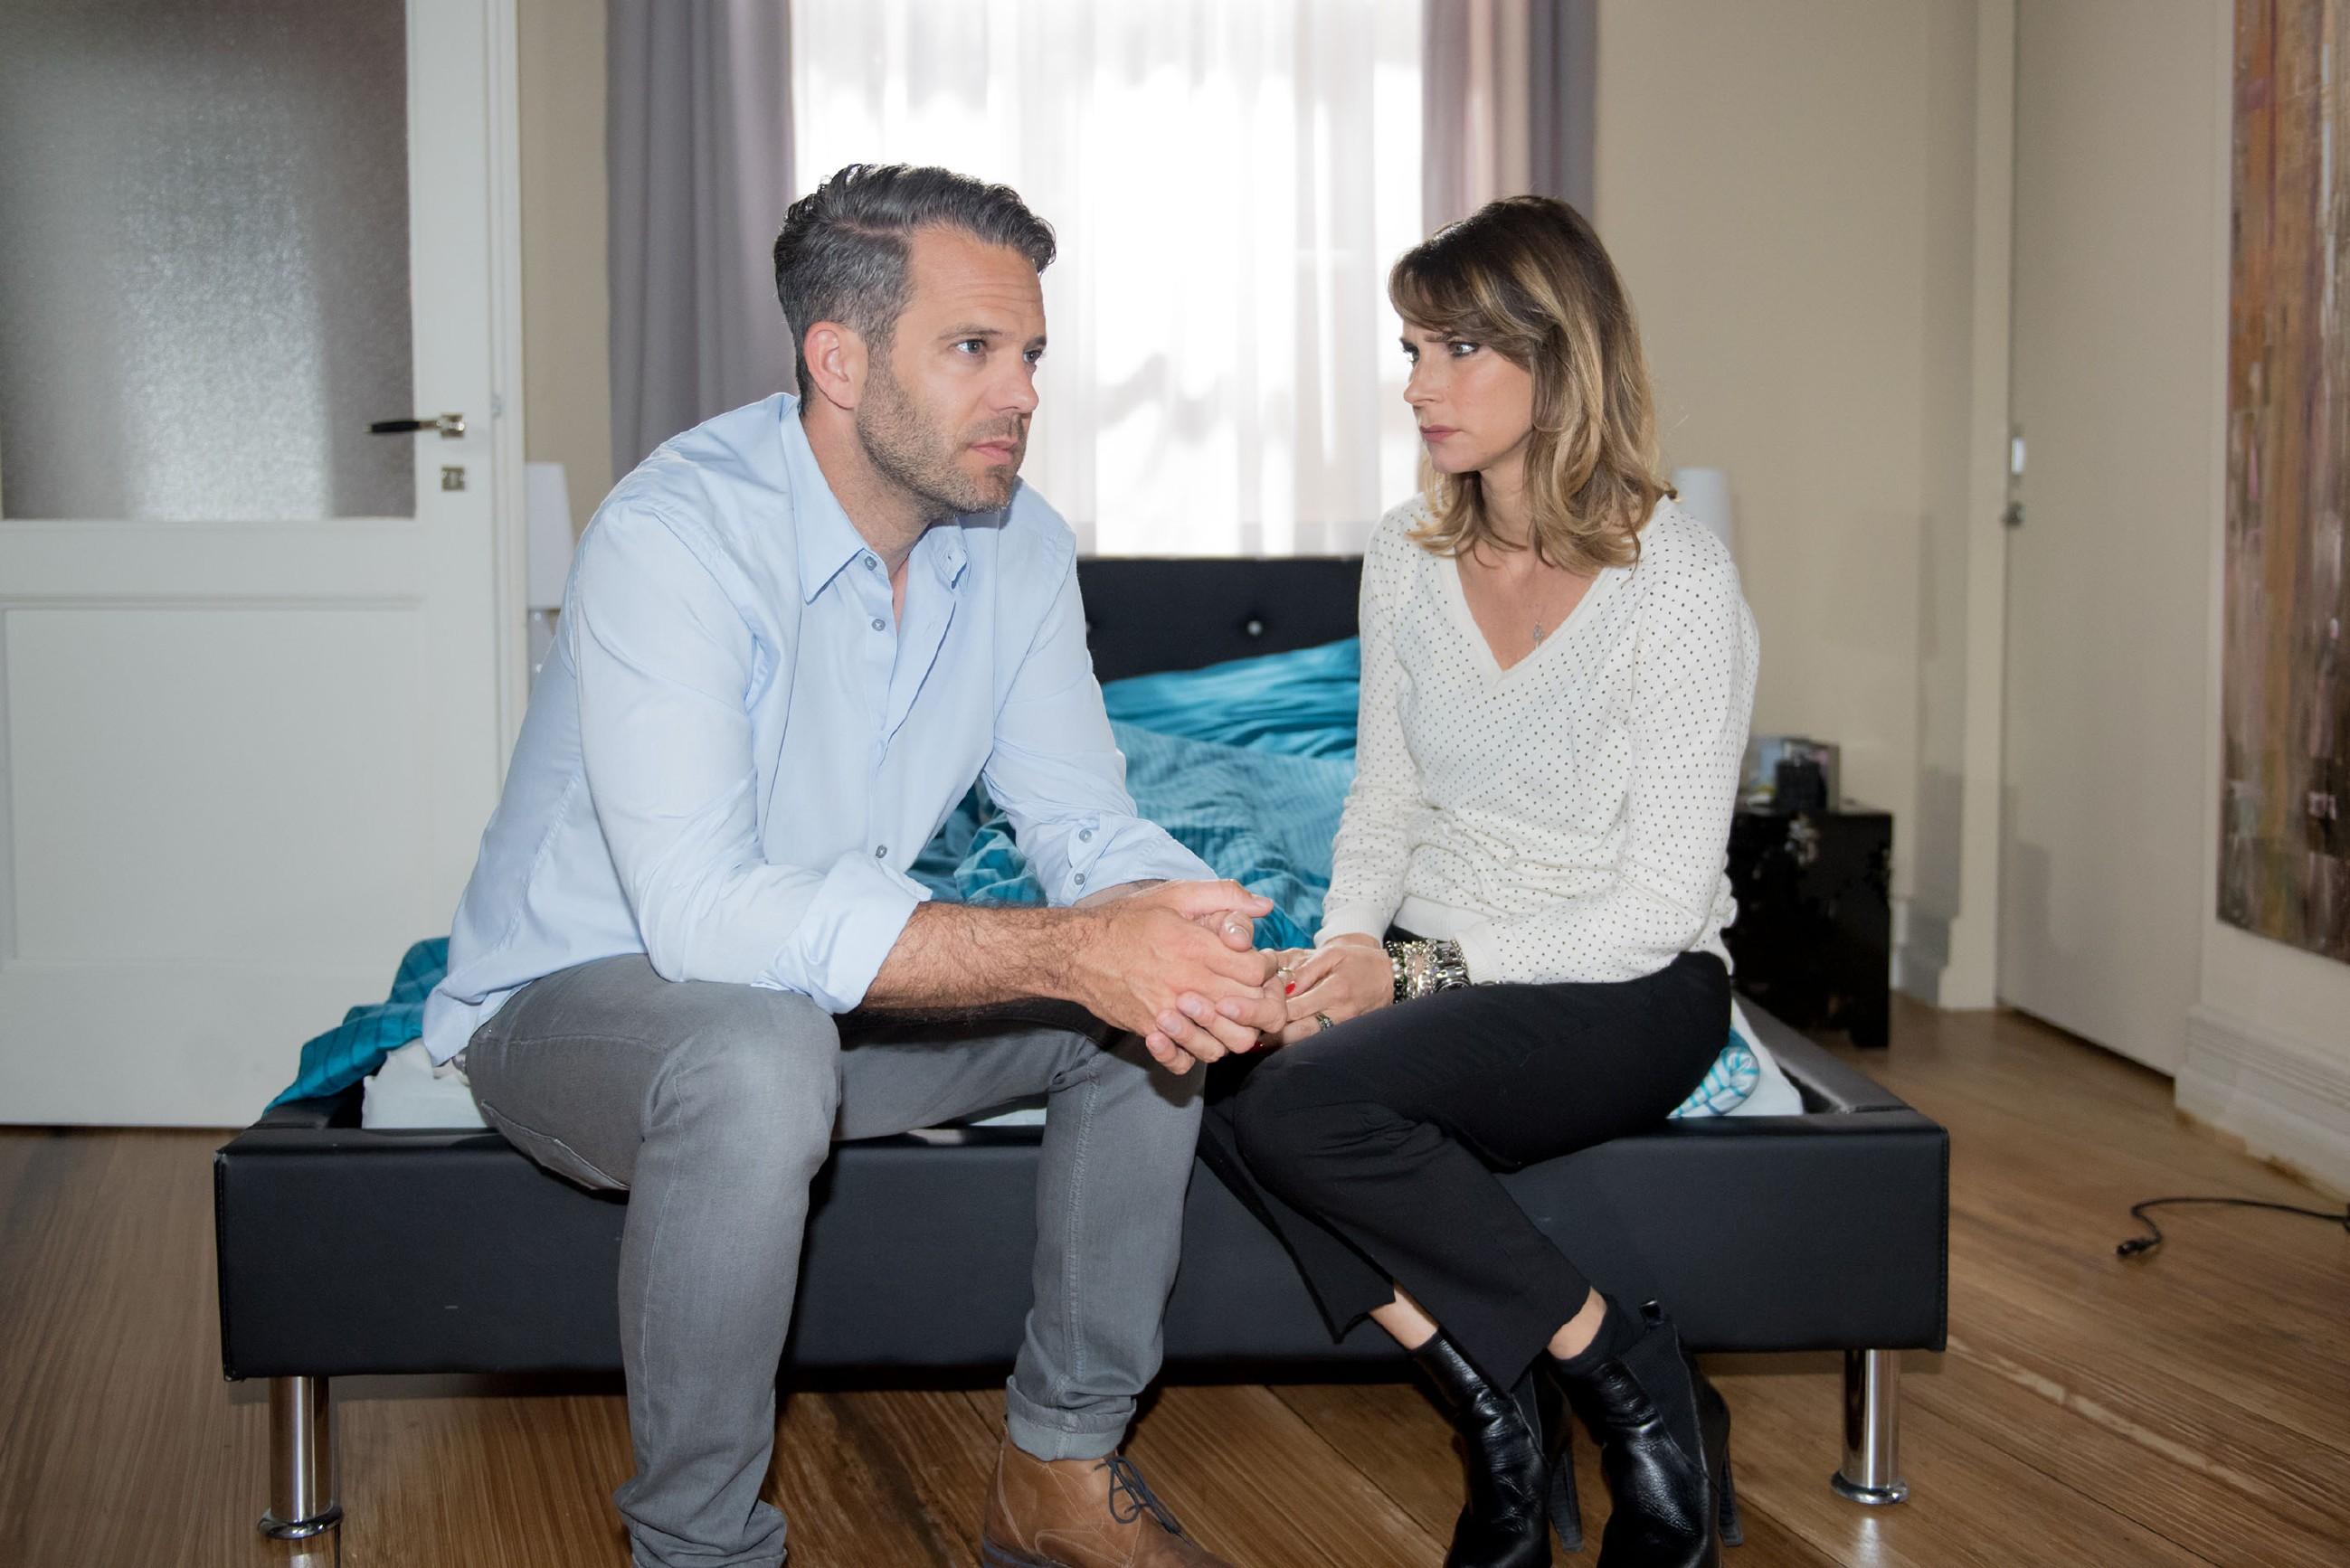 Eva (Claudelle Deckert) ist tief verletzt und weiß nicht, ob sie Till (Ben Ruedinger) den Seitensprung verzeihen kann. (Quelle: RTL / Stefan Behrens)